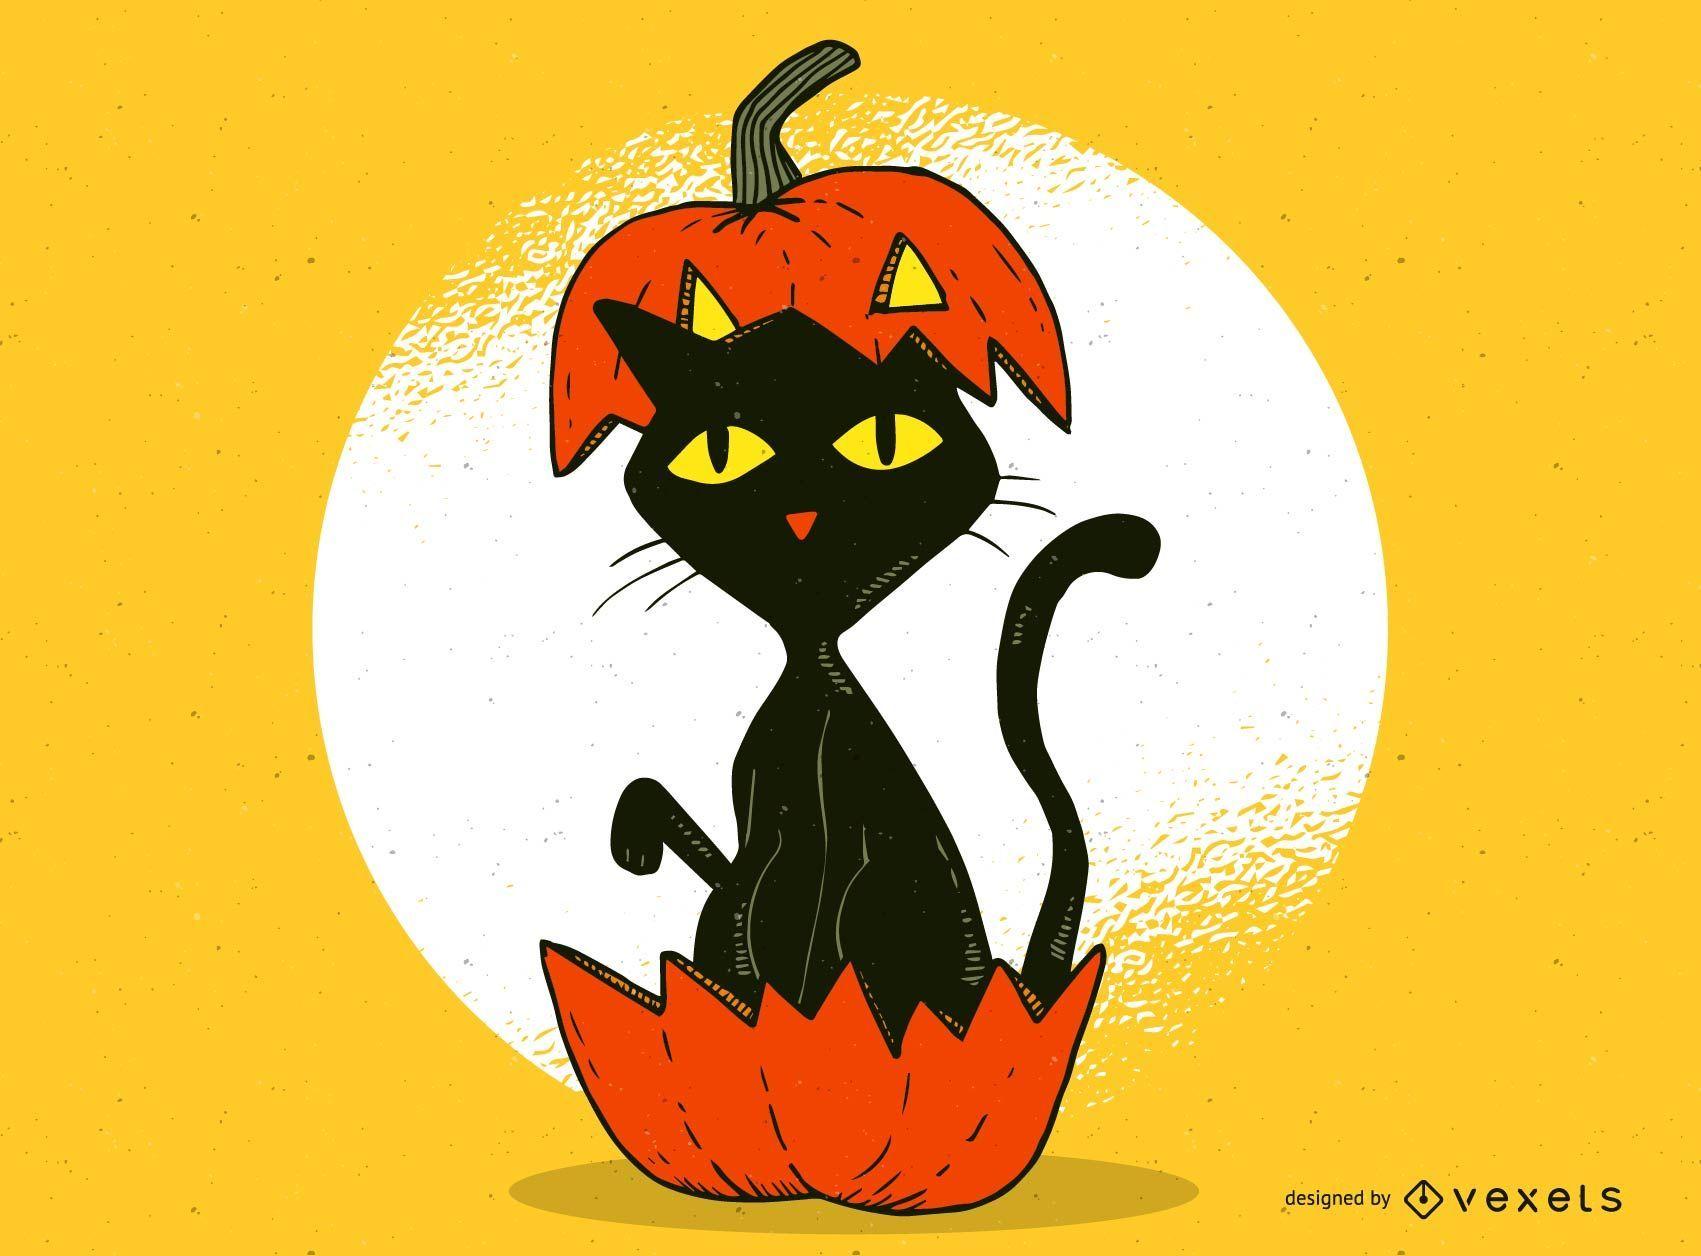 Gato en calabaza dise?o de Halloween